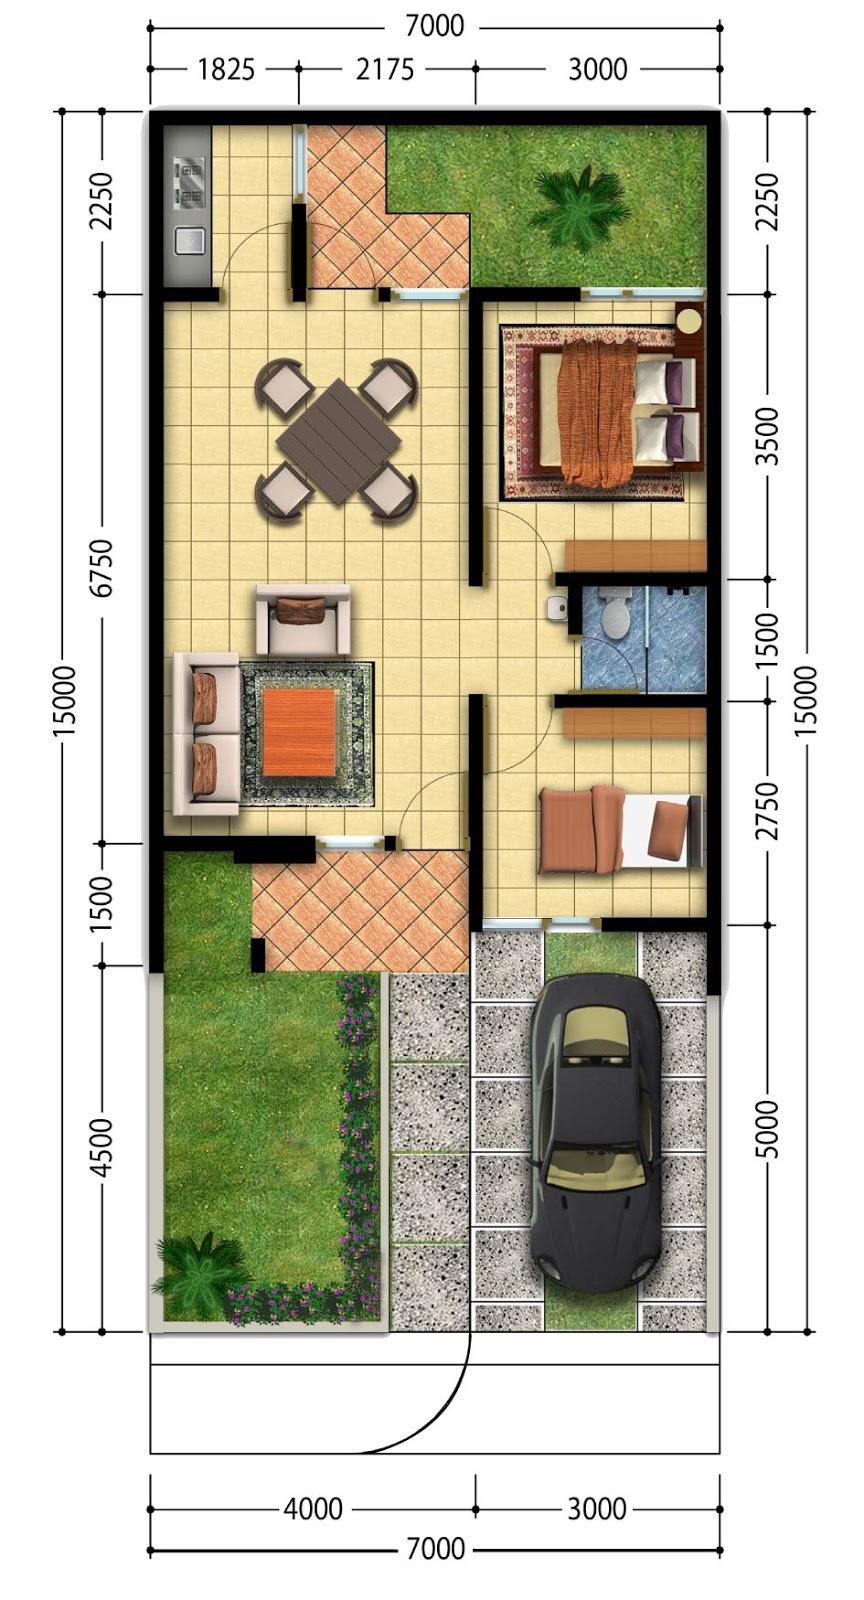 Gambar Desain Rumah Minimalis 7 X 15 Wallpaper Dinding